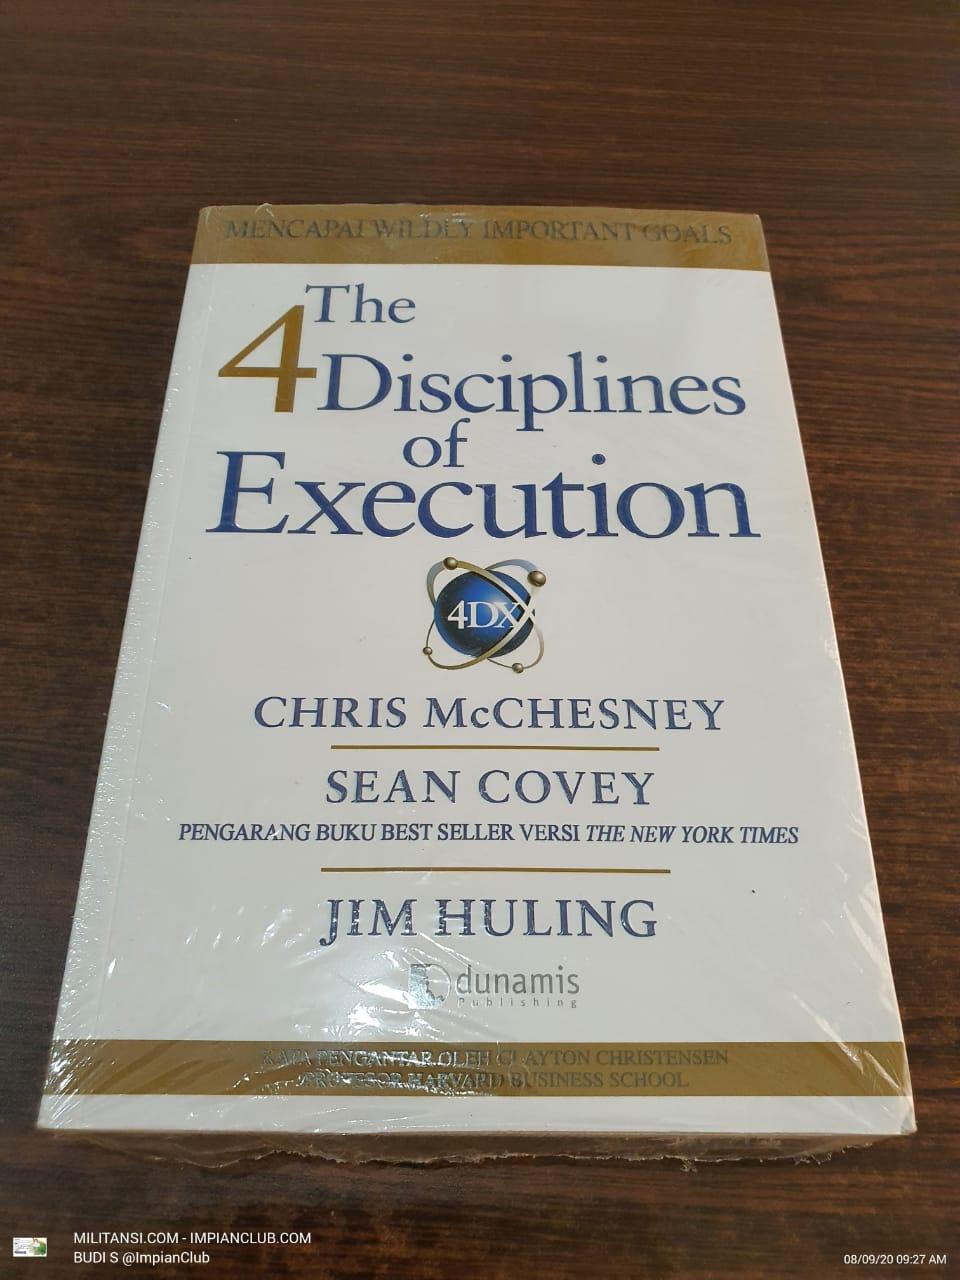 The 4 Disciplines of Execution - Buku Disiplin Eksekusi - Chris McChesney, Sean Covey, Jim Huling